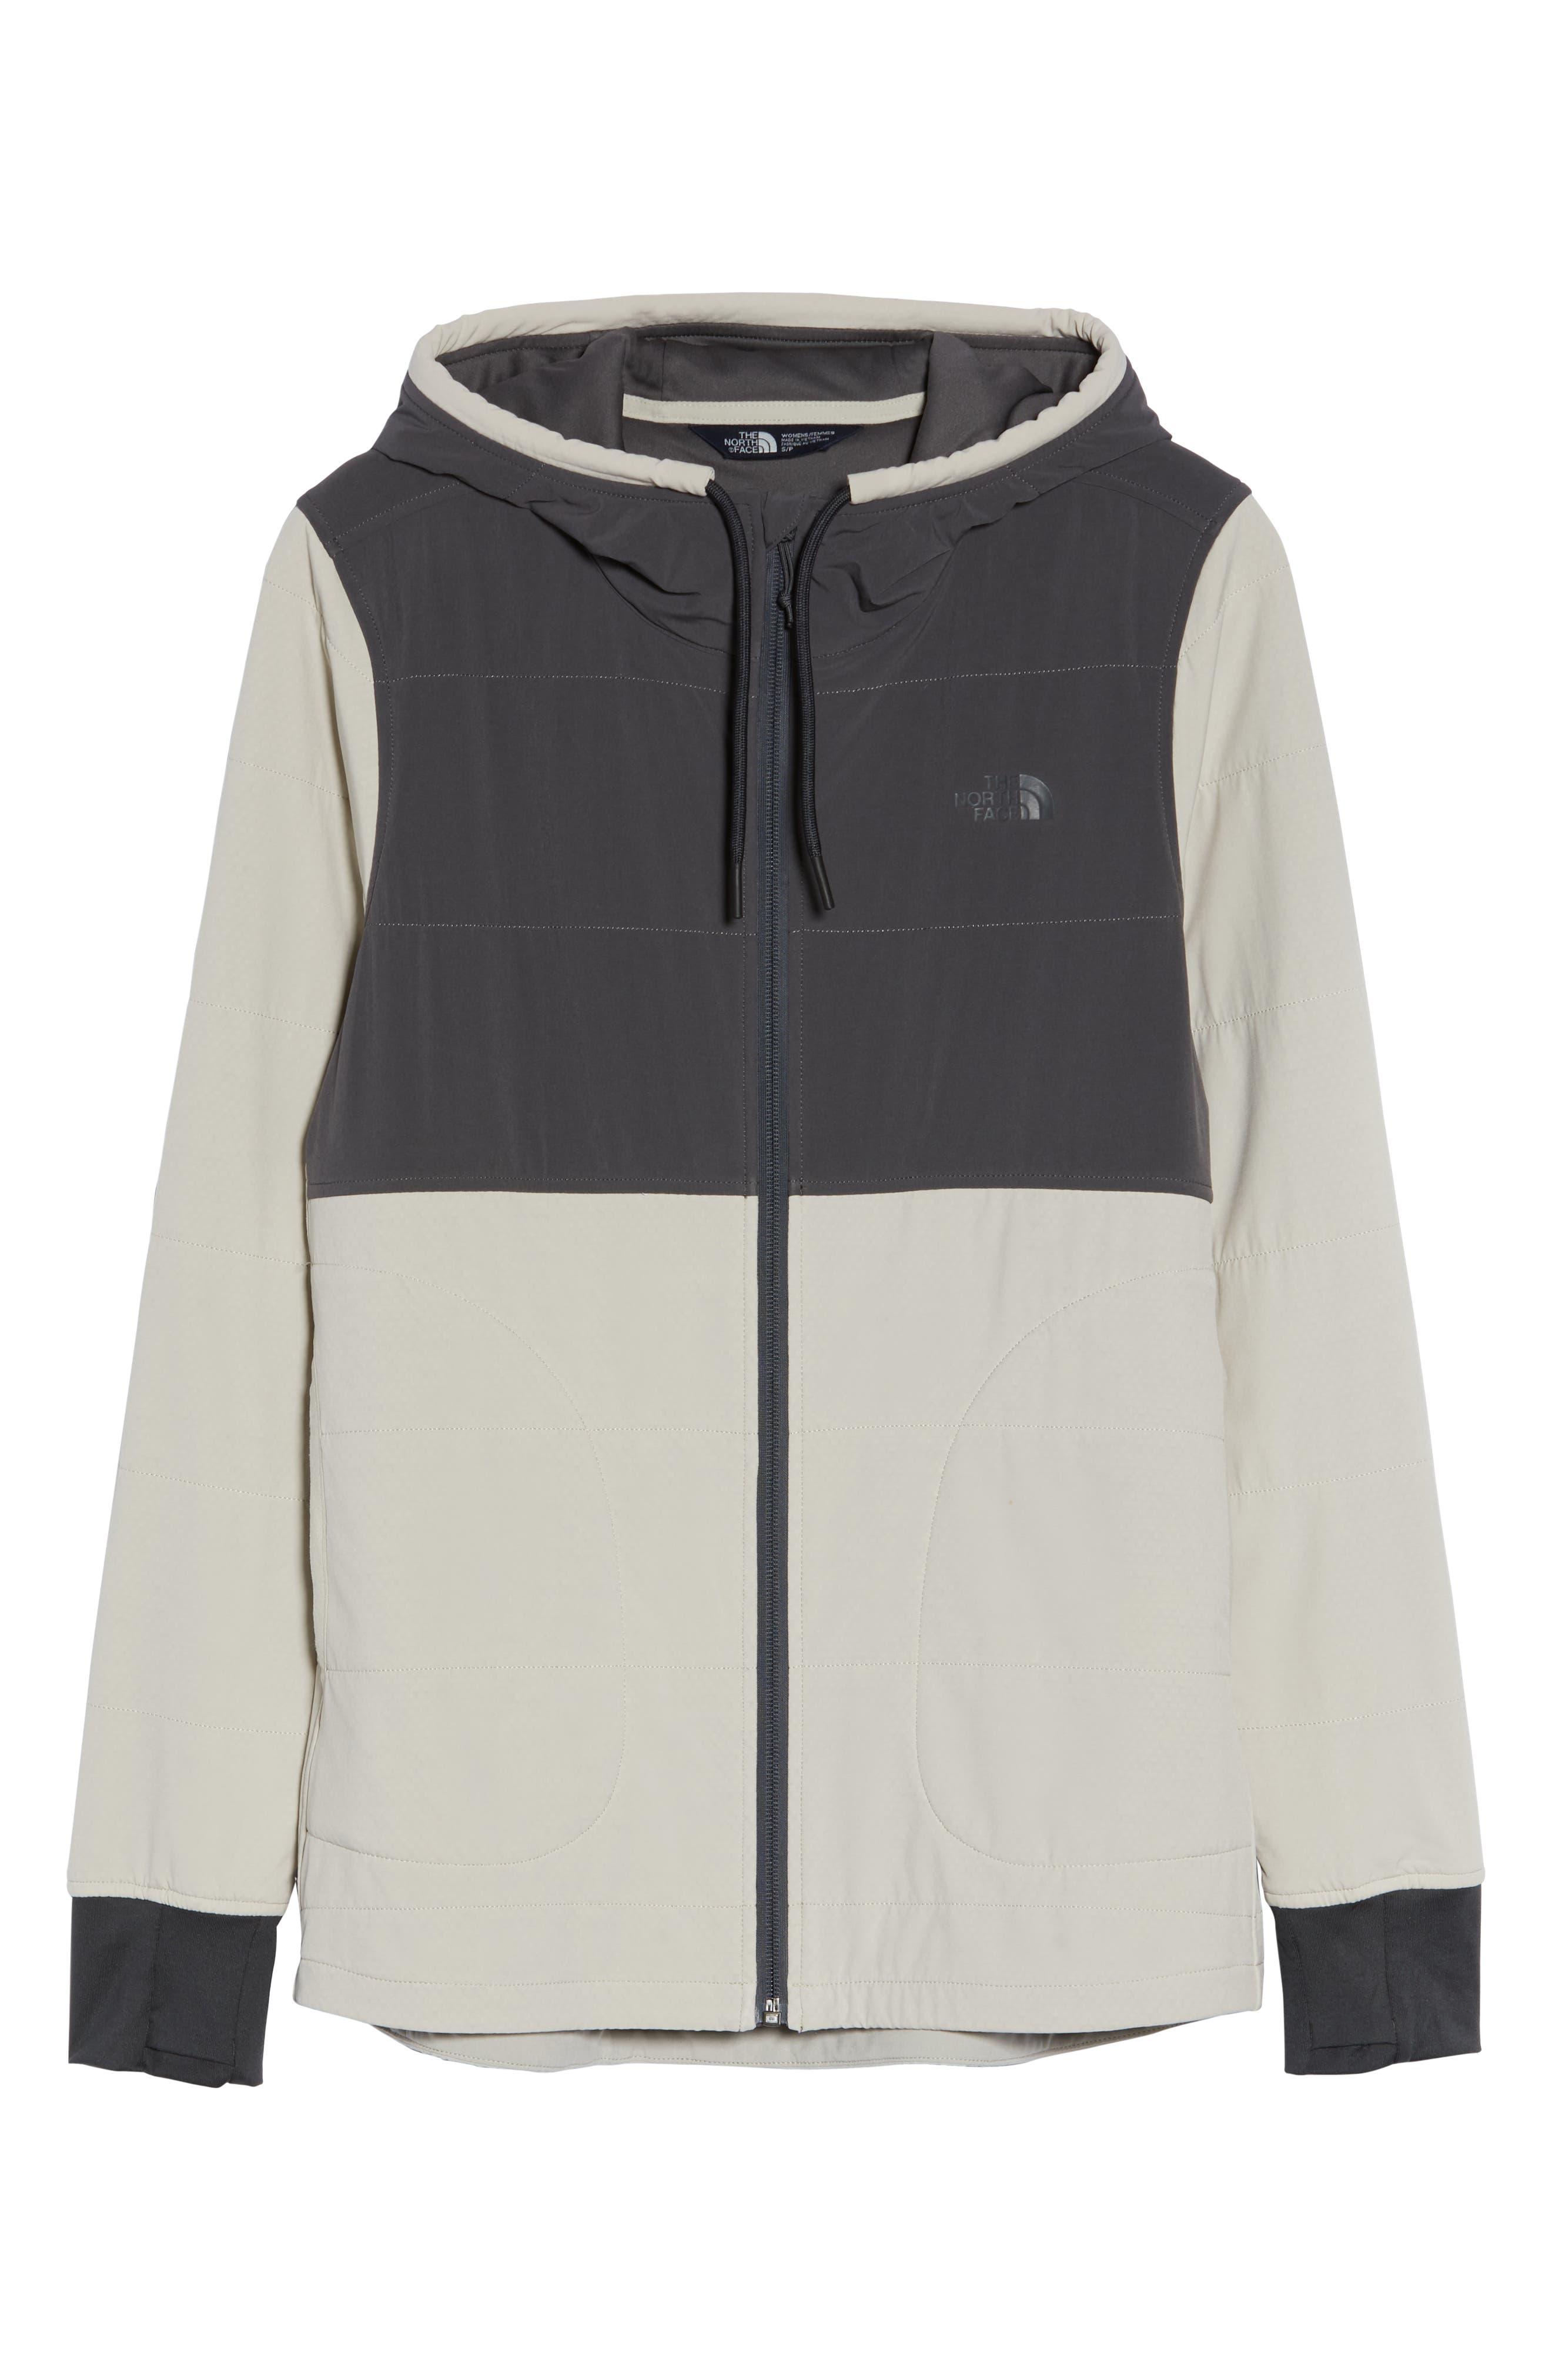 Mountain Zip Hooded Sweatshirt,                             Alternate thumbnail 6, color,                             PEYOTE BEIGE/ GRAPHITE GREY